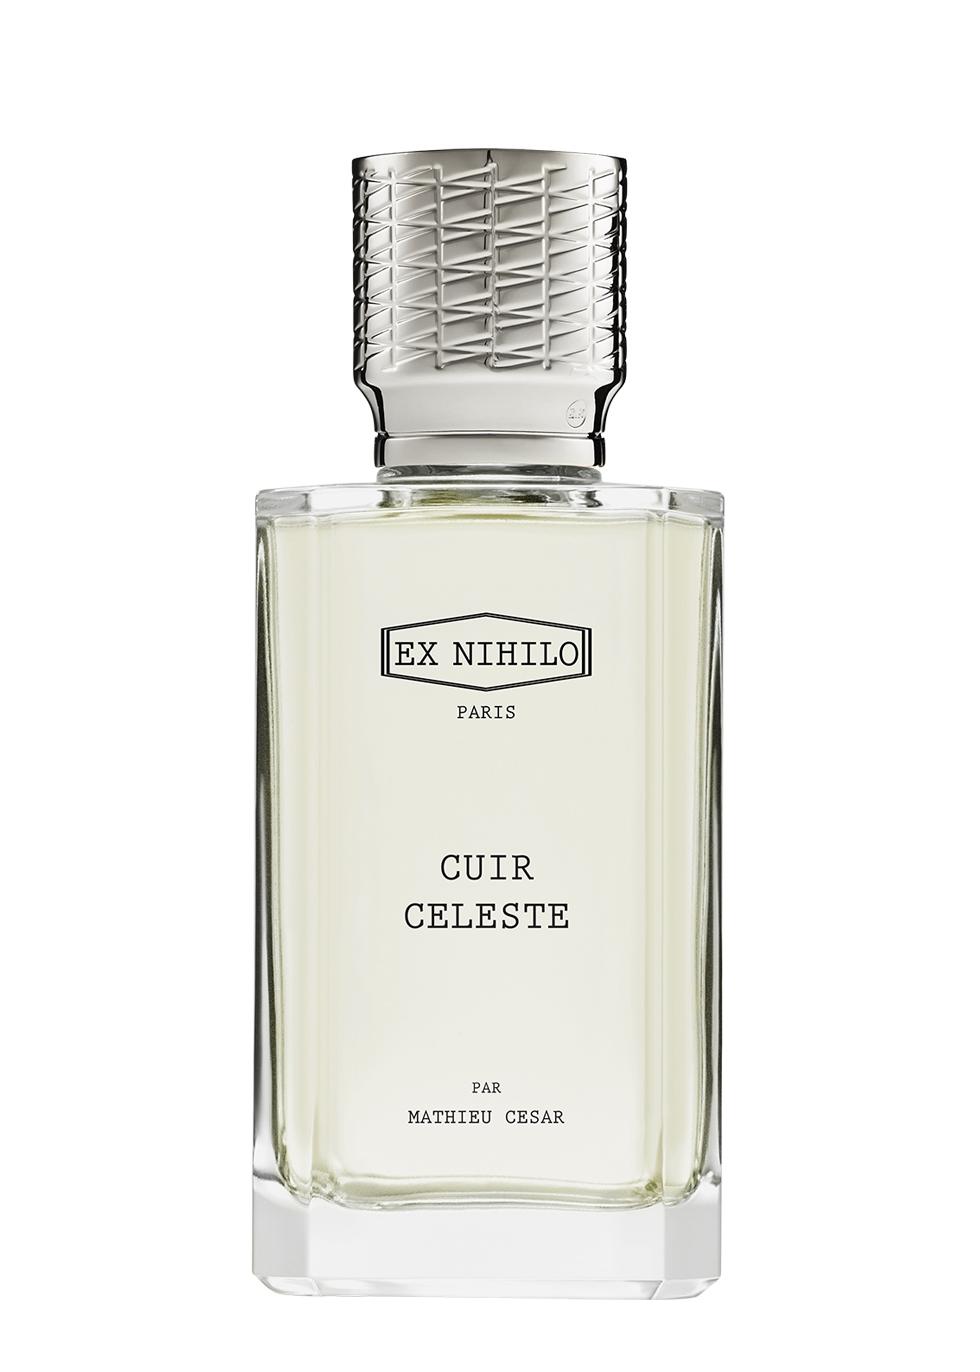 Cuir Celeste Eau De Parfum 100ml - Ex Nihilo